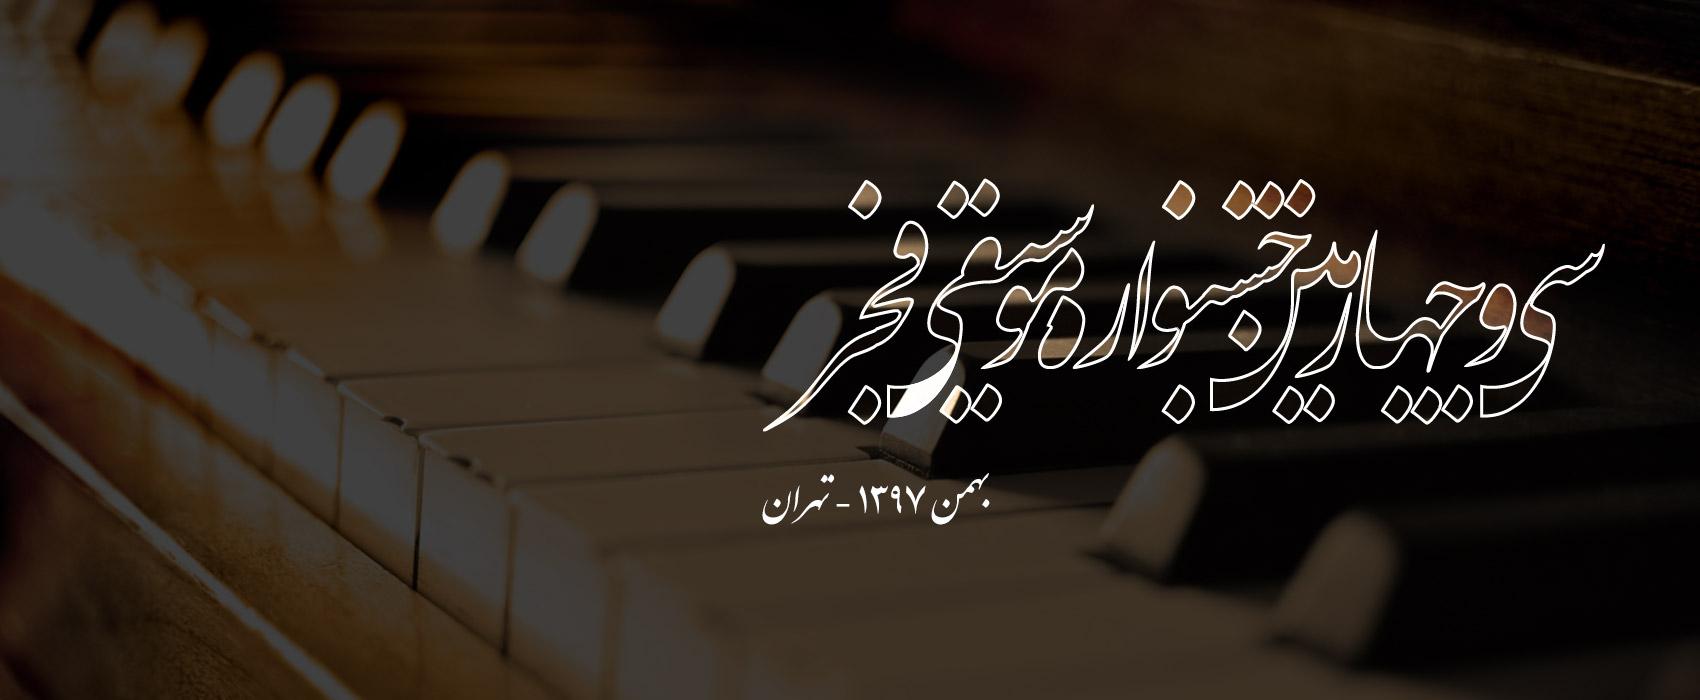 رونمایی از پوستر جشنواره موسیقی فجر